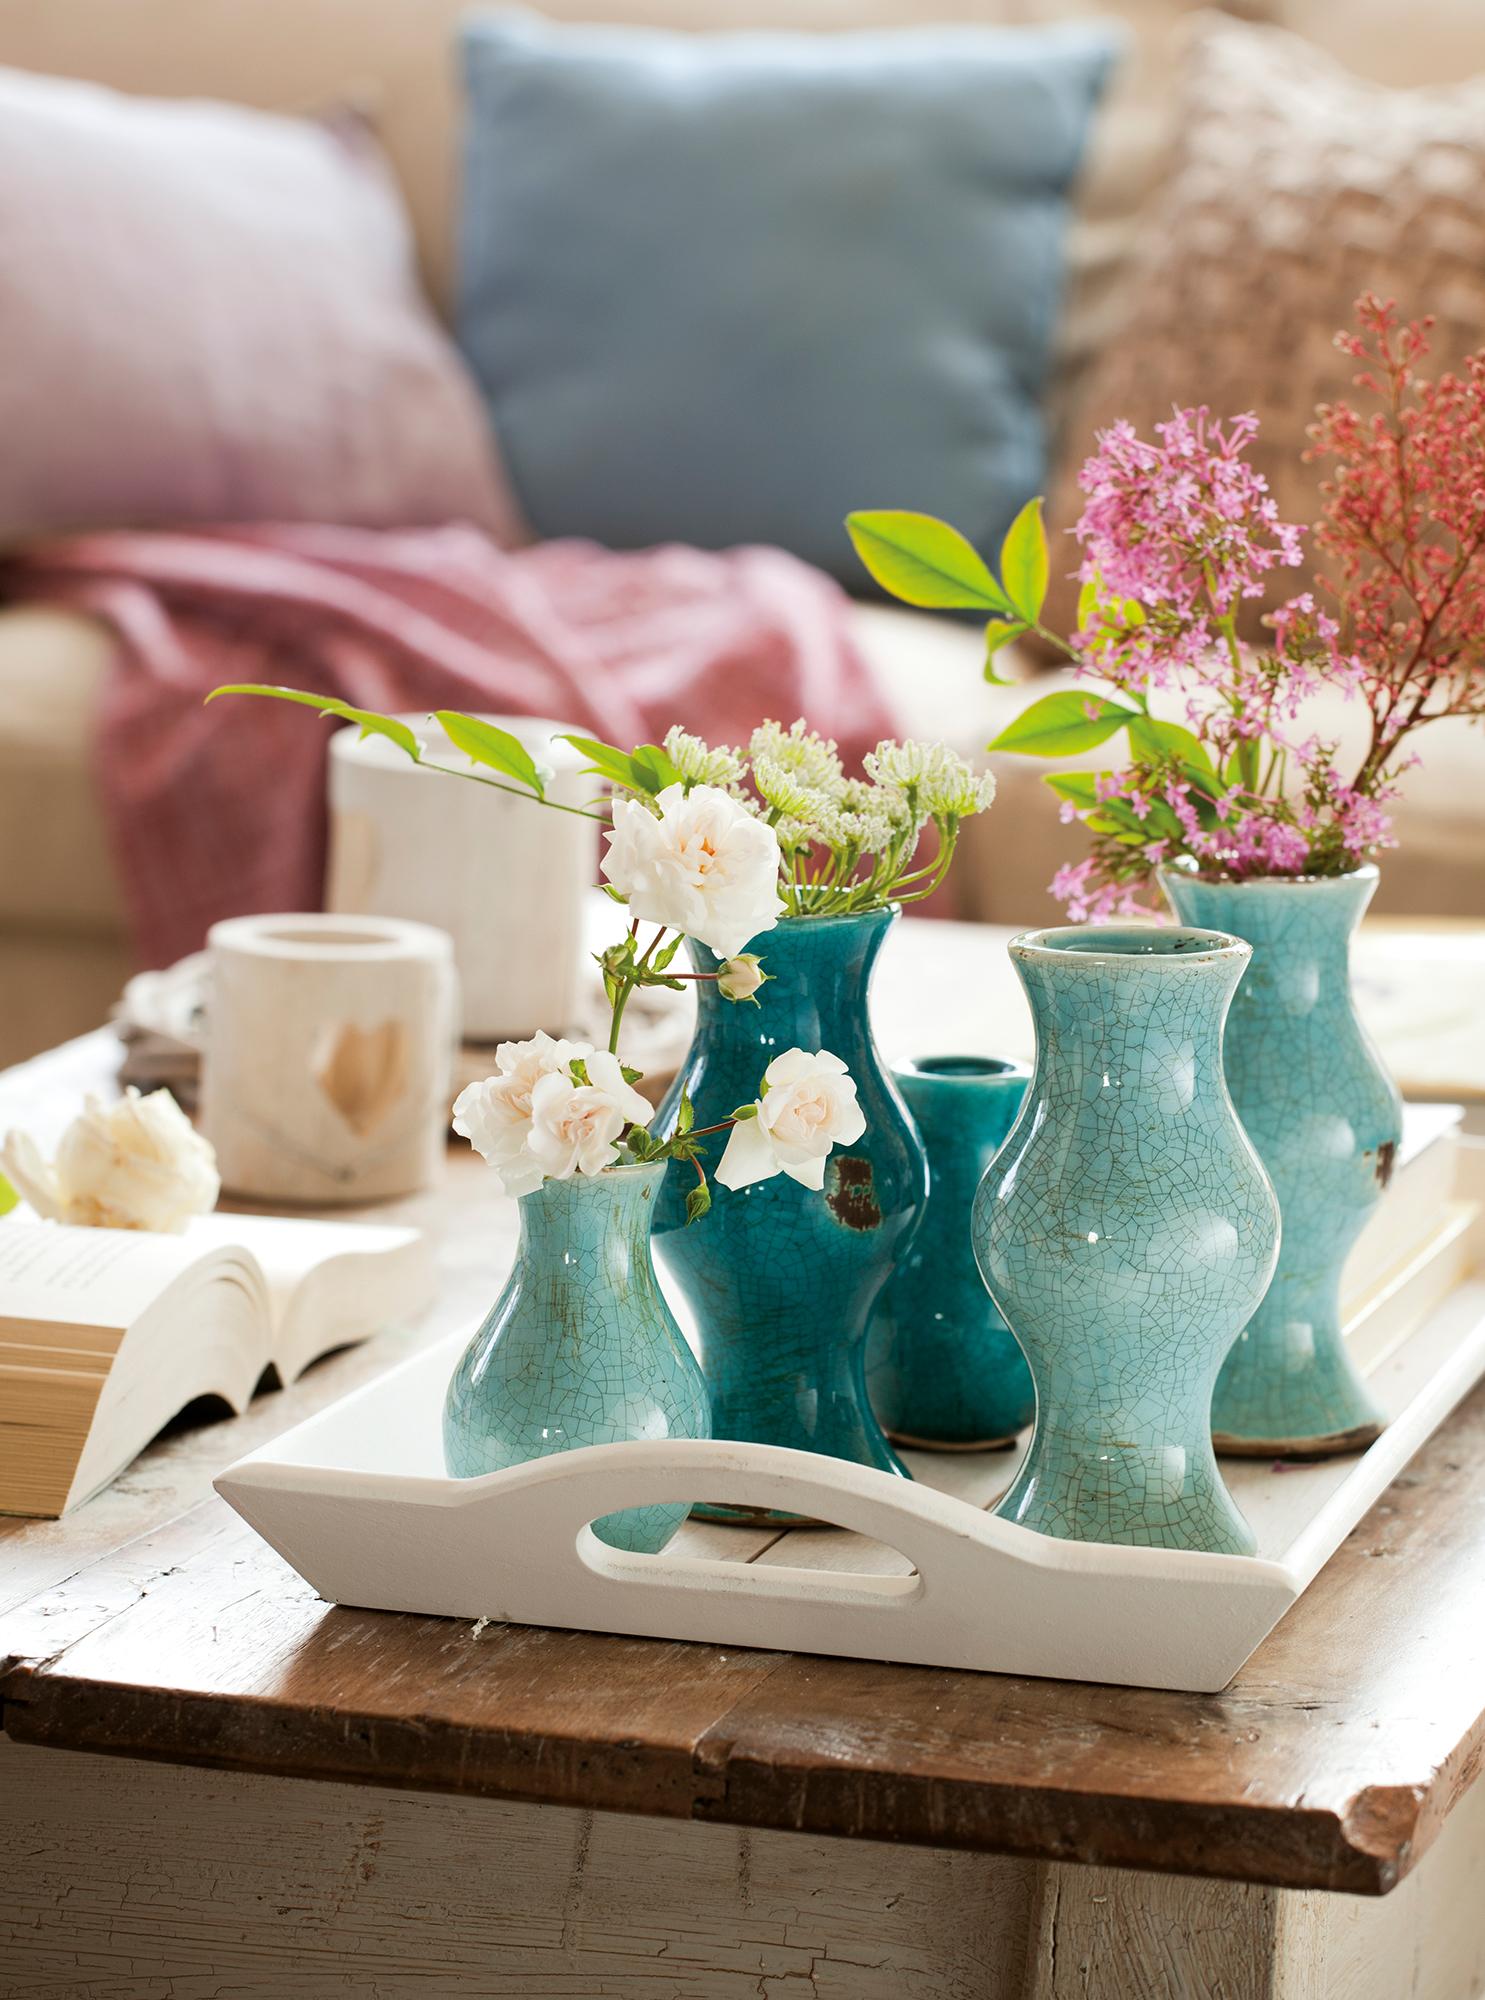 Detalle de conjunto de jarrones pequeños de color turquesa en una bandeja_ 00386226b